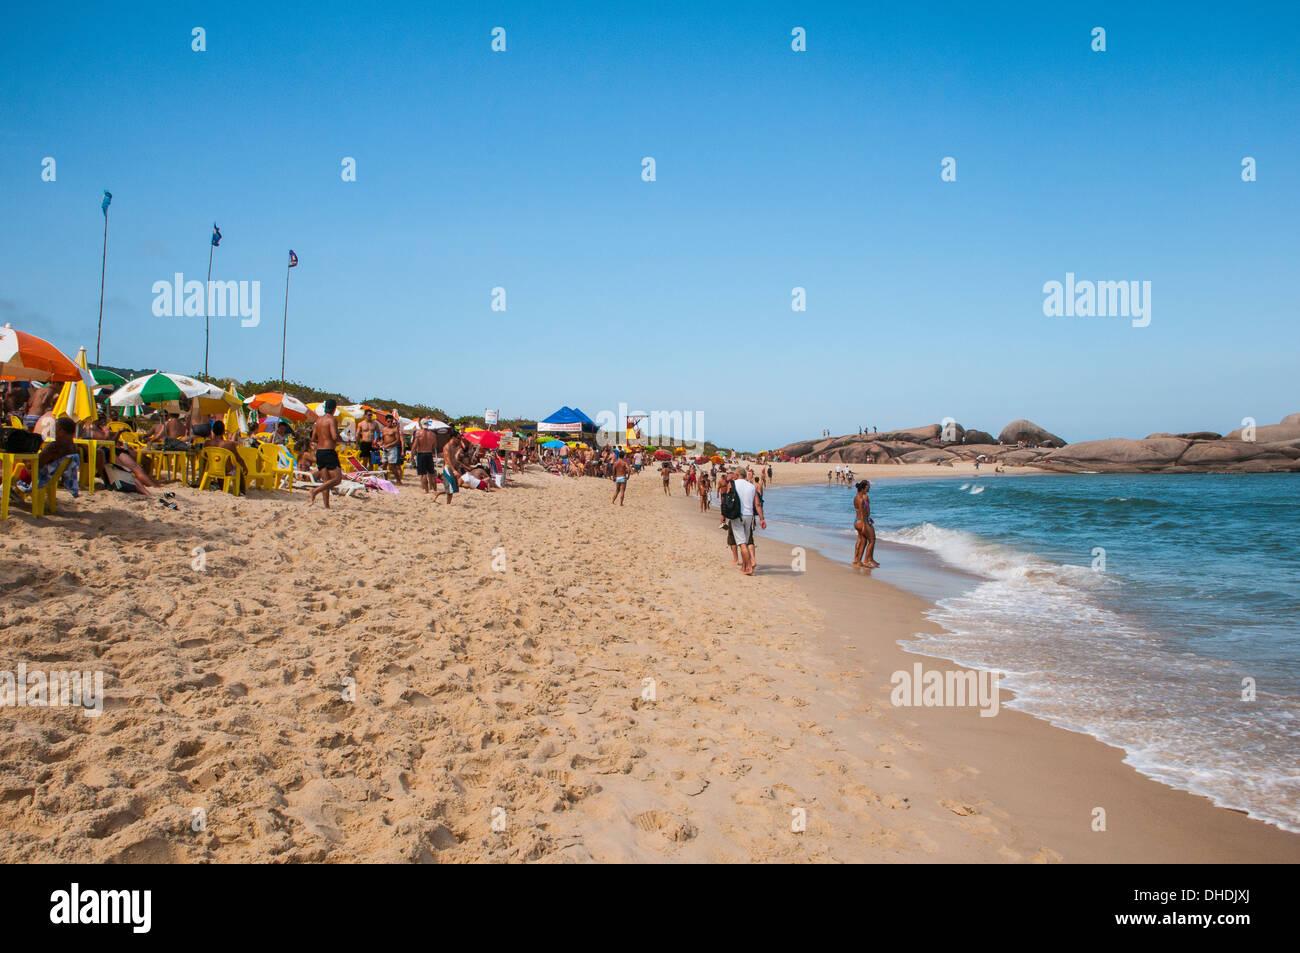 Spiaggia di mole in Ilha Catarina (Santa Catarina Island), Stato di Santa Catarina, Brasile Immagini Stock